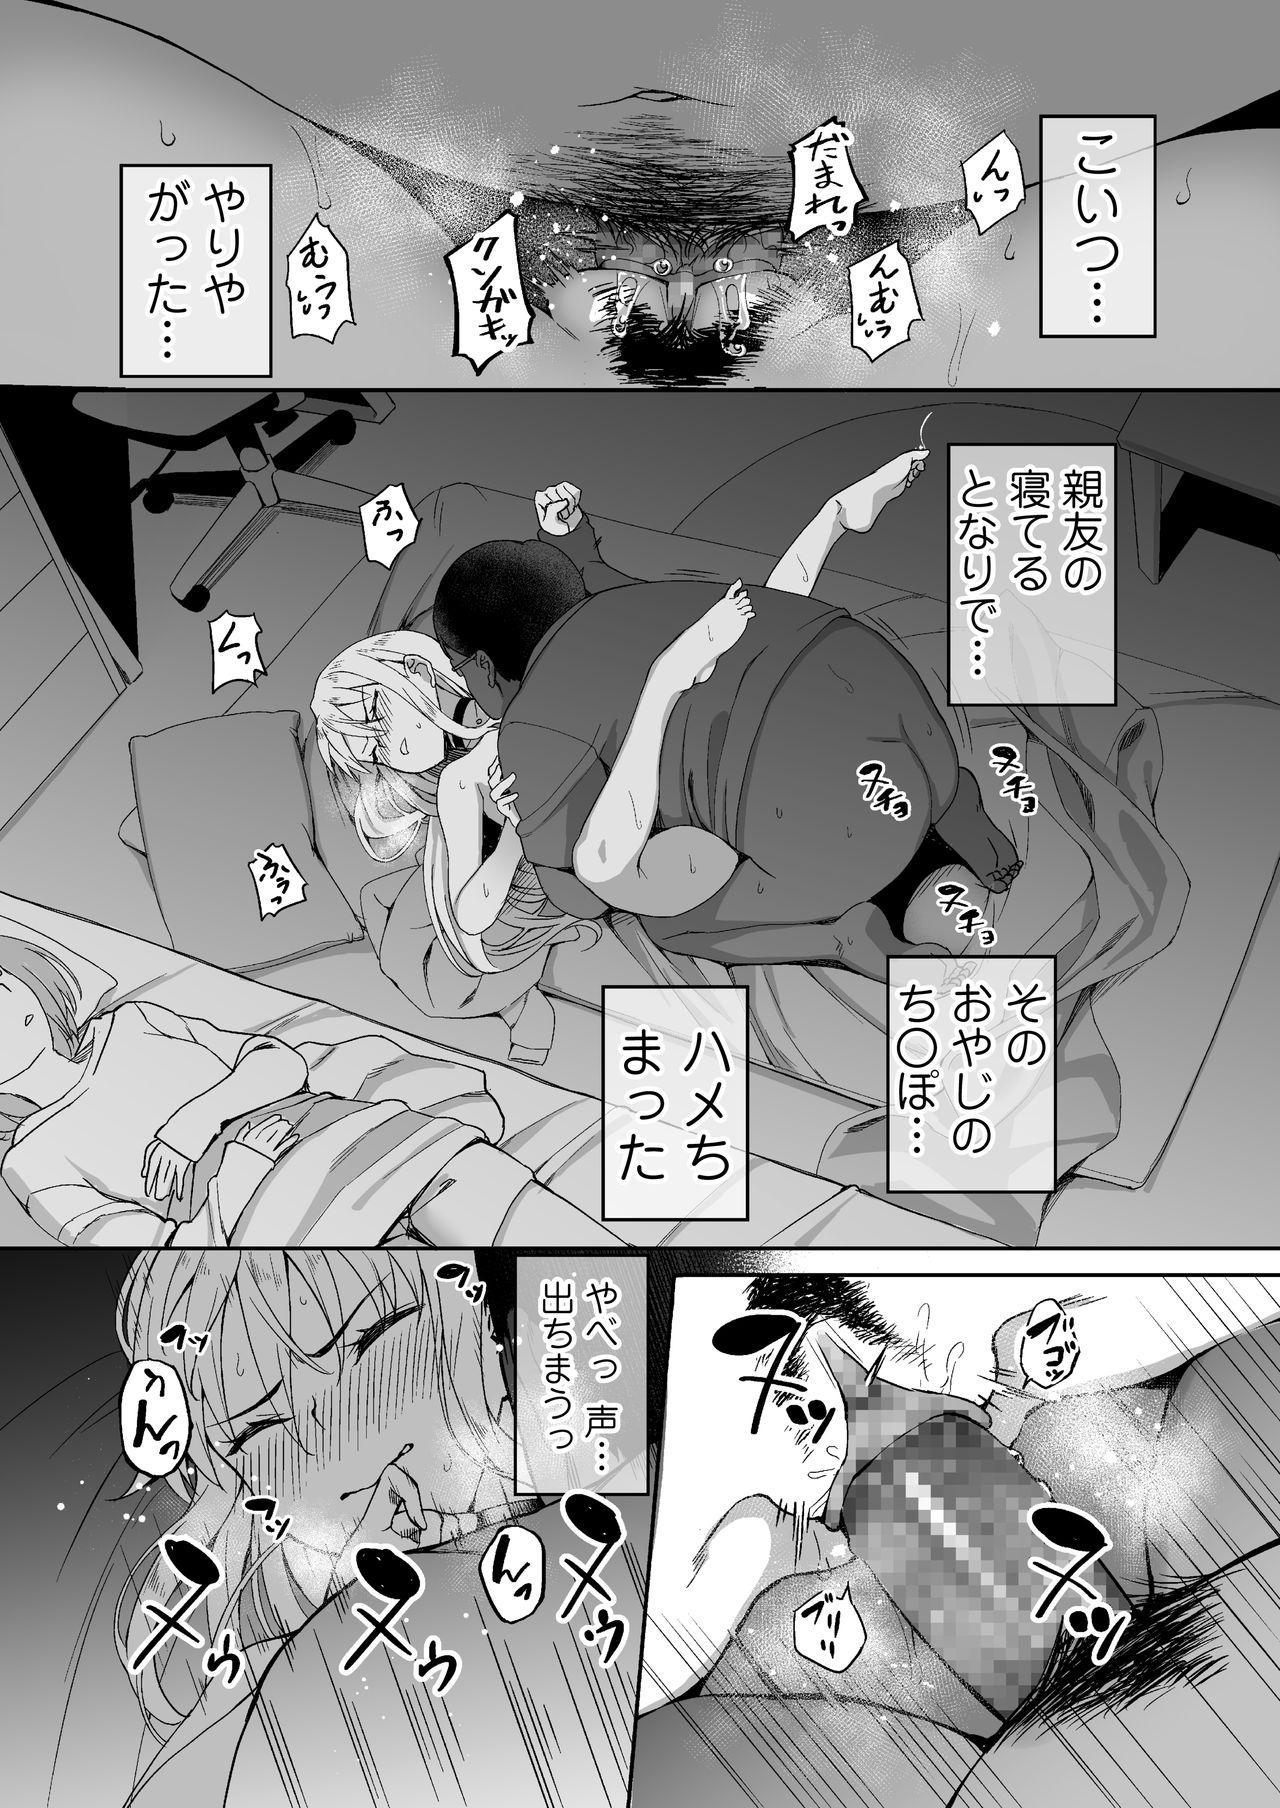 COMIC AOHA 2021 Natsu 192